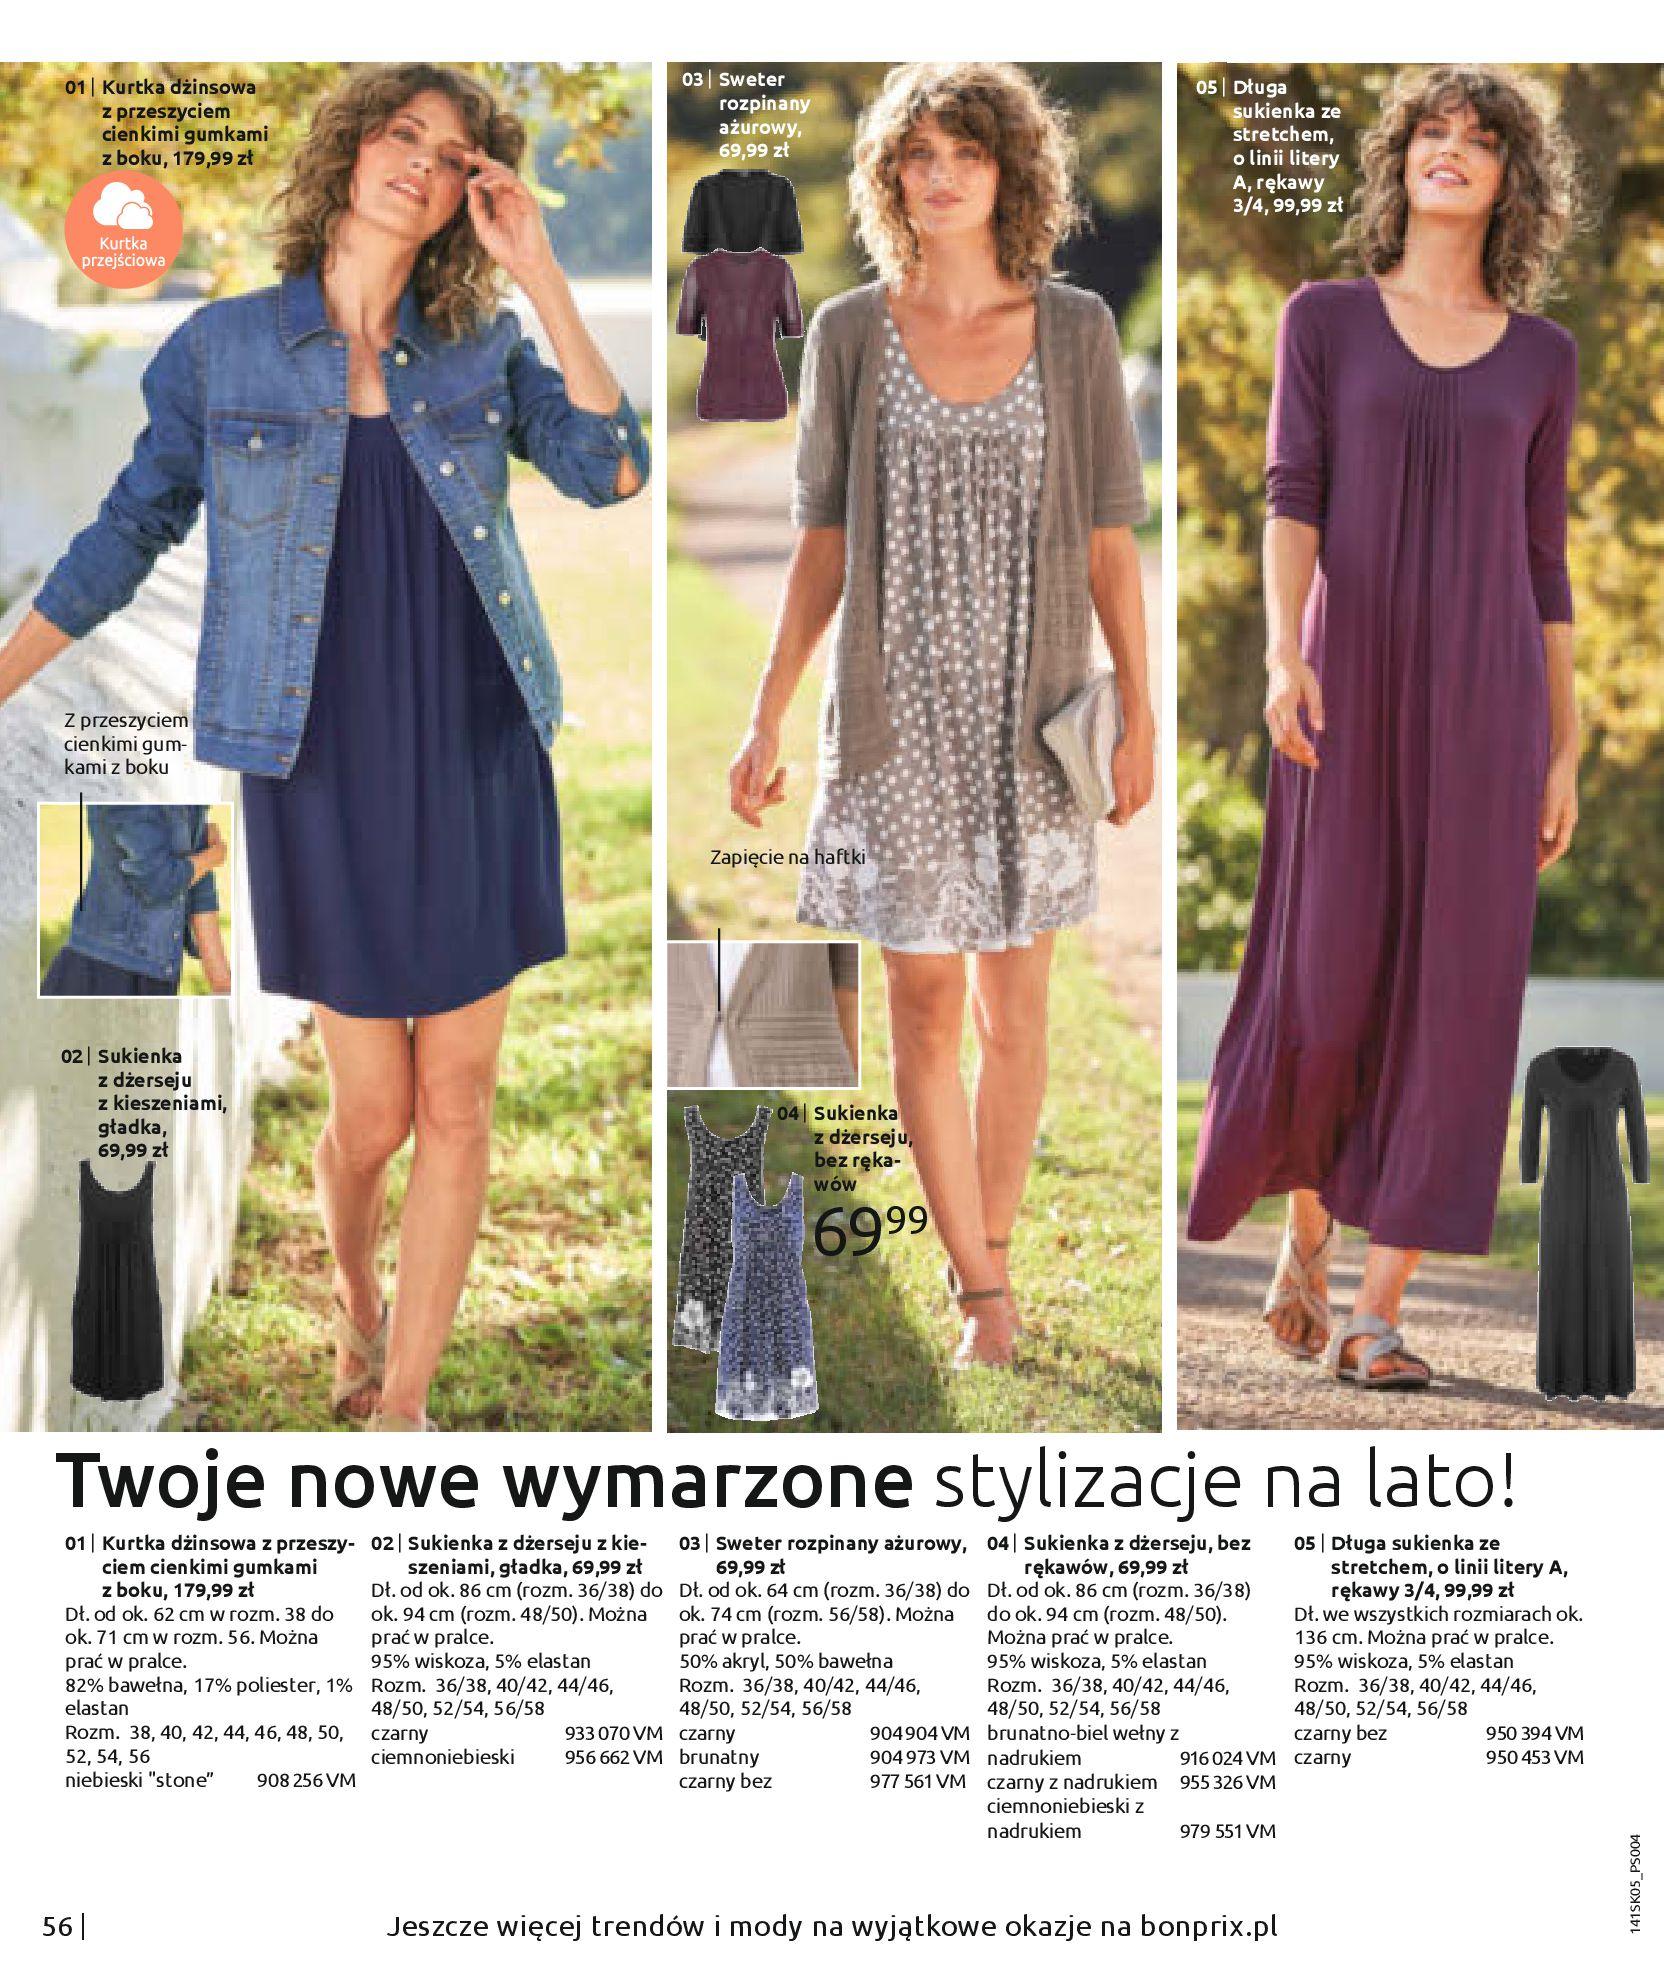 Gazetka Bonprix - Zachwycający look-25.08.2020-18.11.2020-page-58